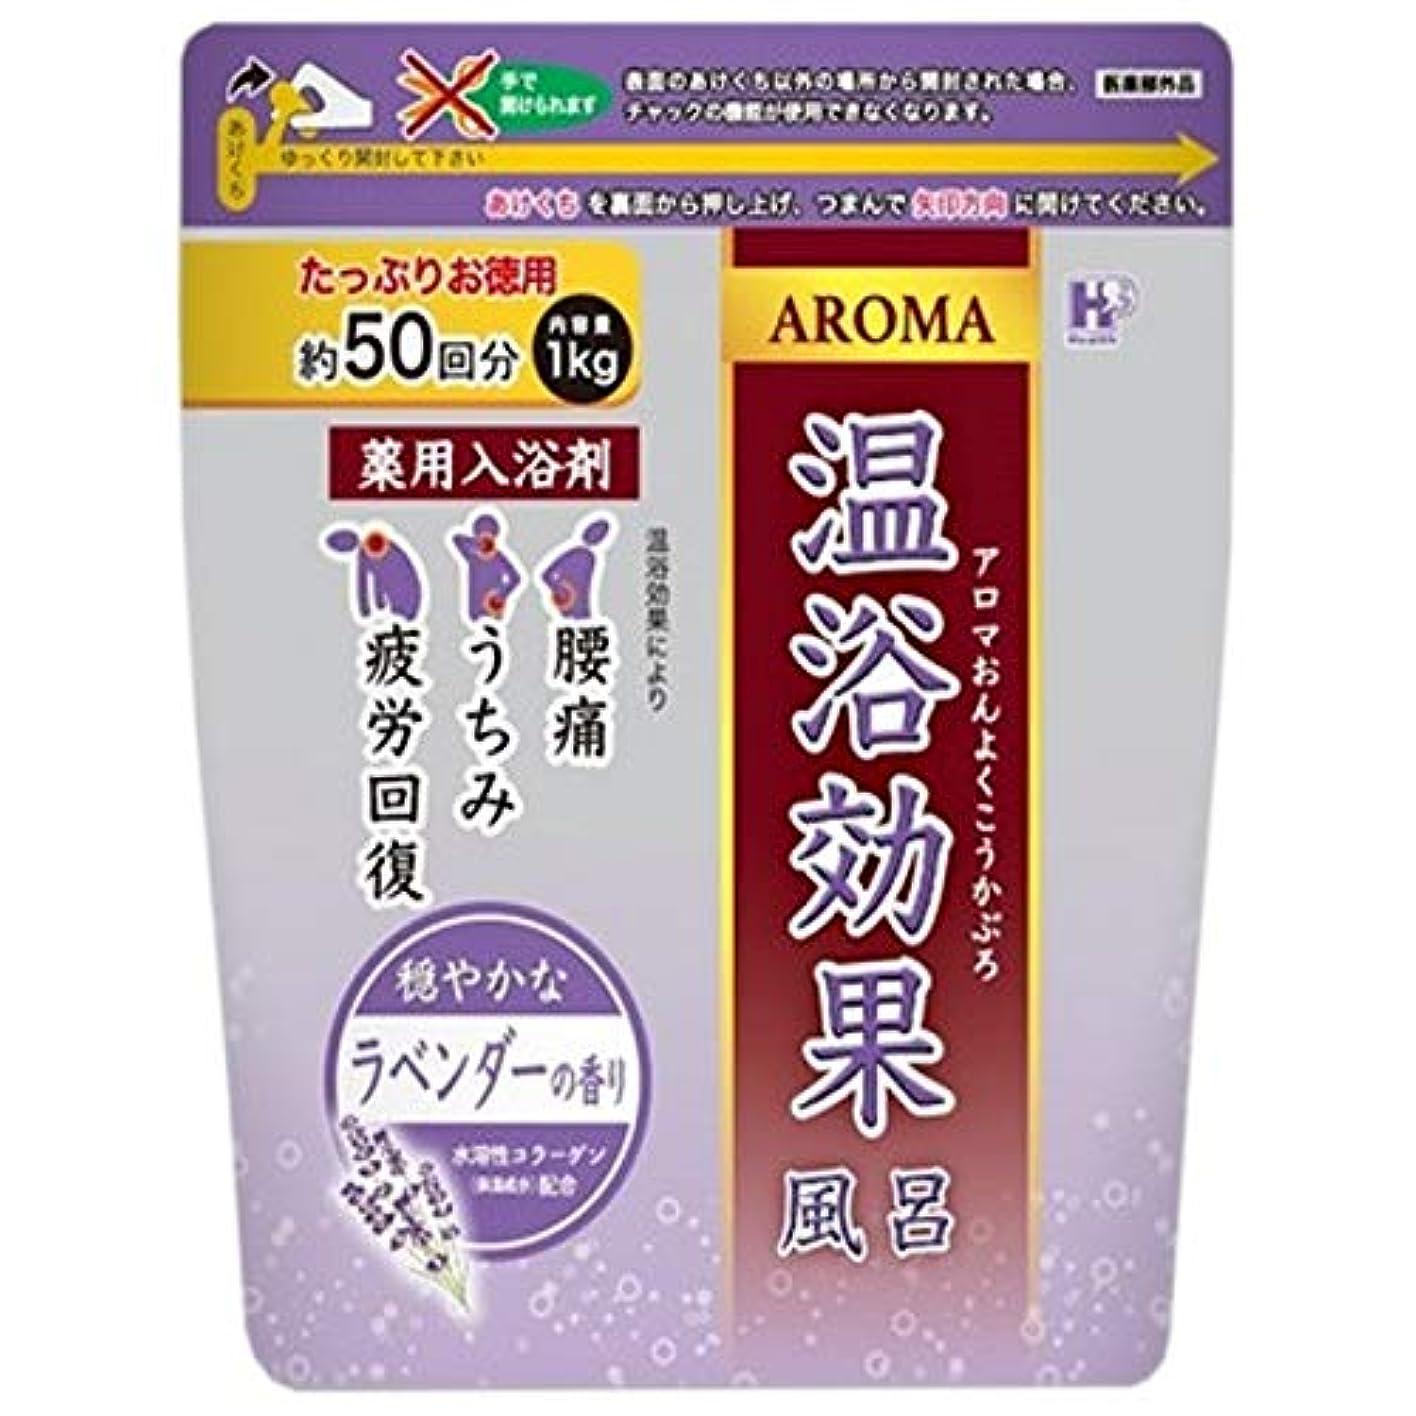 経験者減らす厚さ薬用入浴剤 アロマ温浴効果風呂 ラベンダー 1kg×10袋入